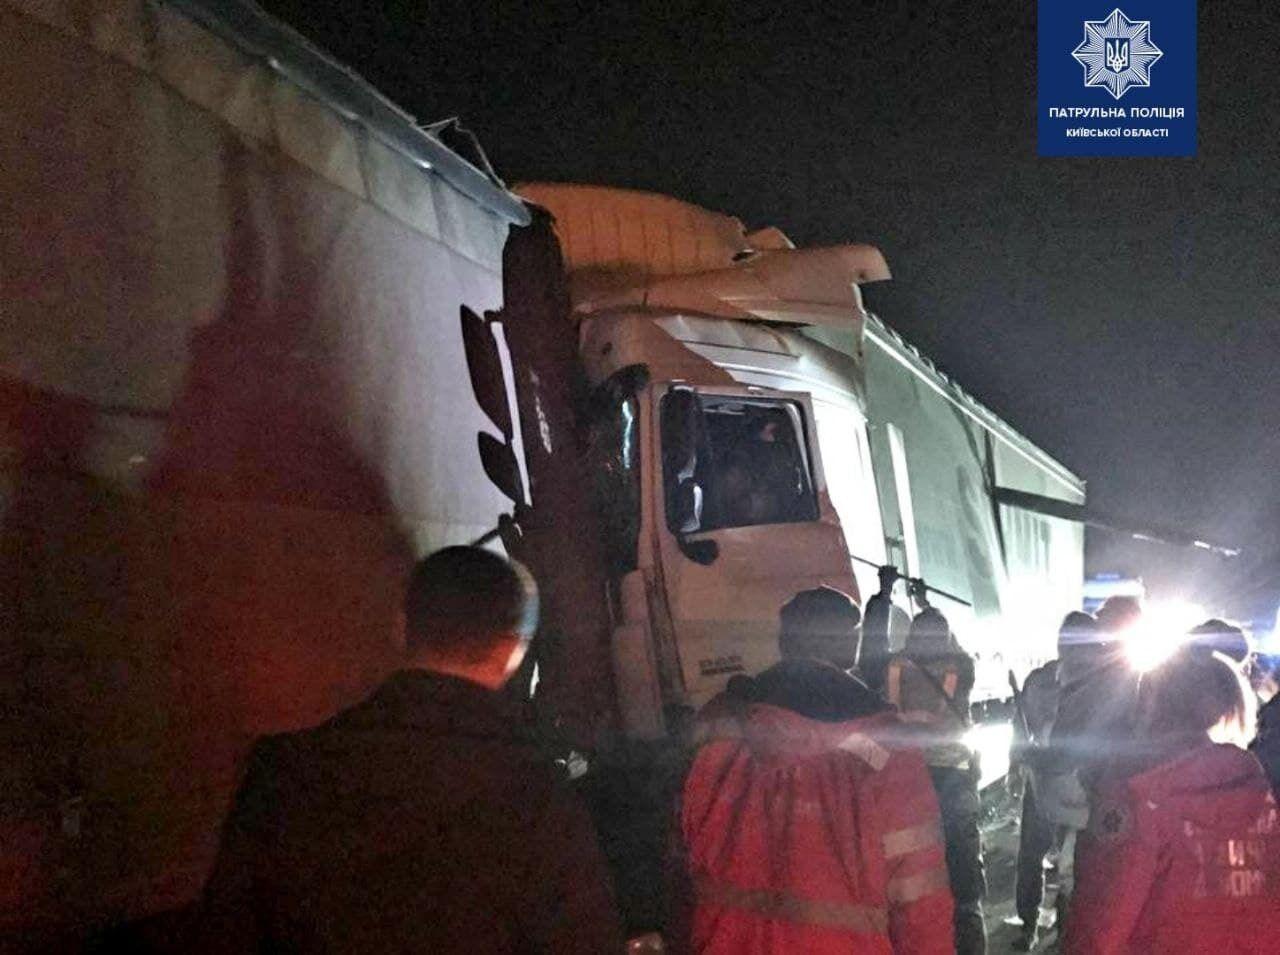 Произошло ДТП с участием трех грузовиков.